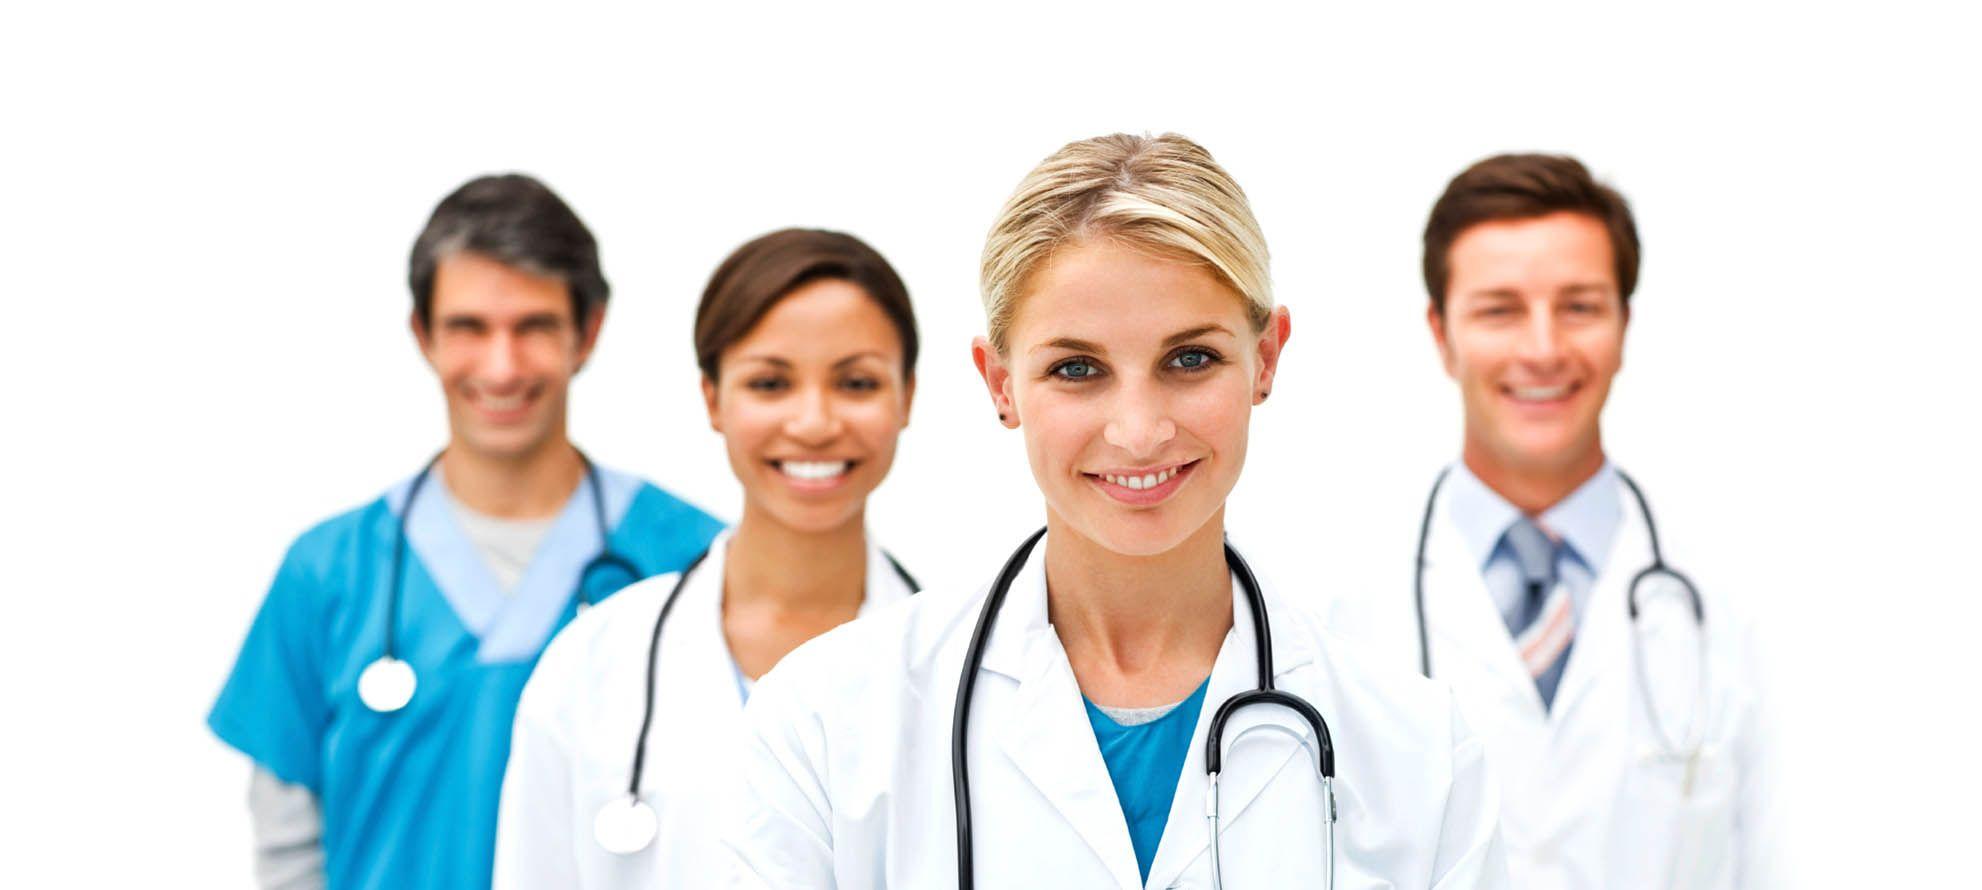 Giới thiệu về sản phẩm bảo hiểm sức khỏe BIC CARE Sức